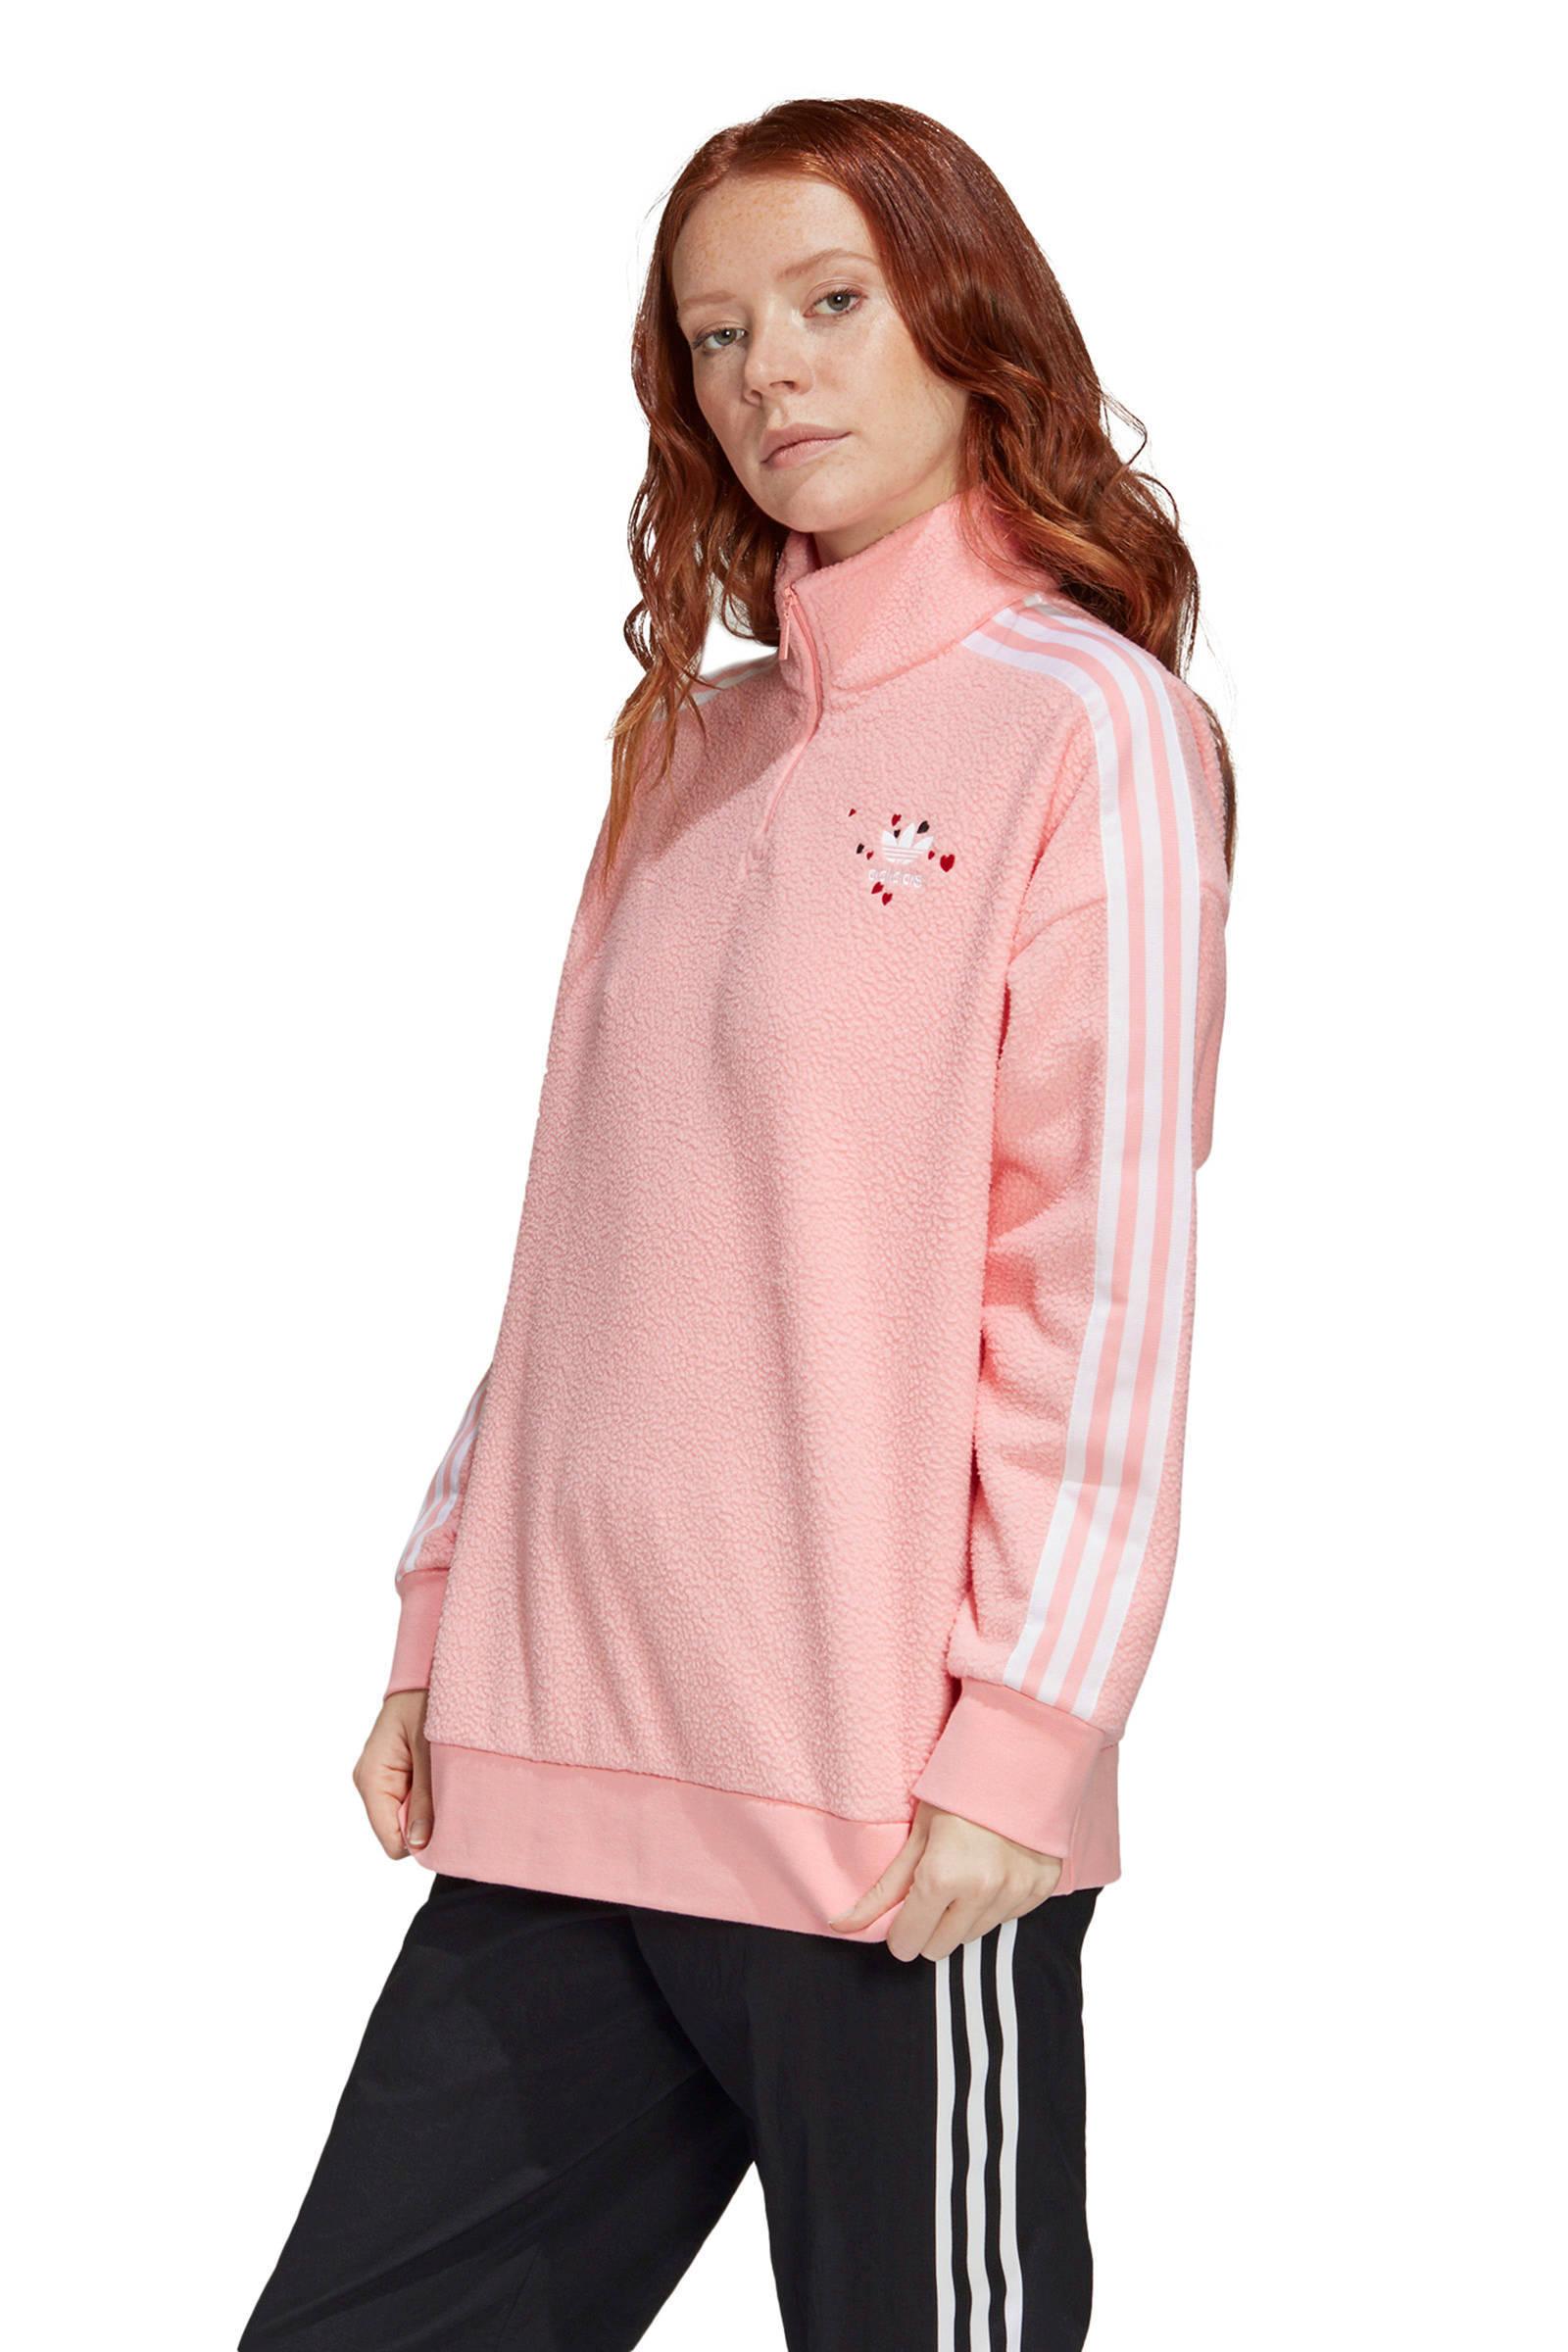 adidas Originals Valentine's Day fleece sweater lichtroze/wit